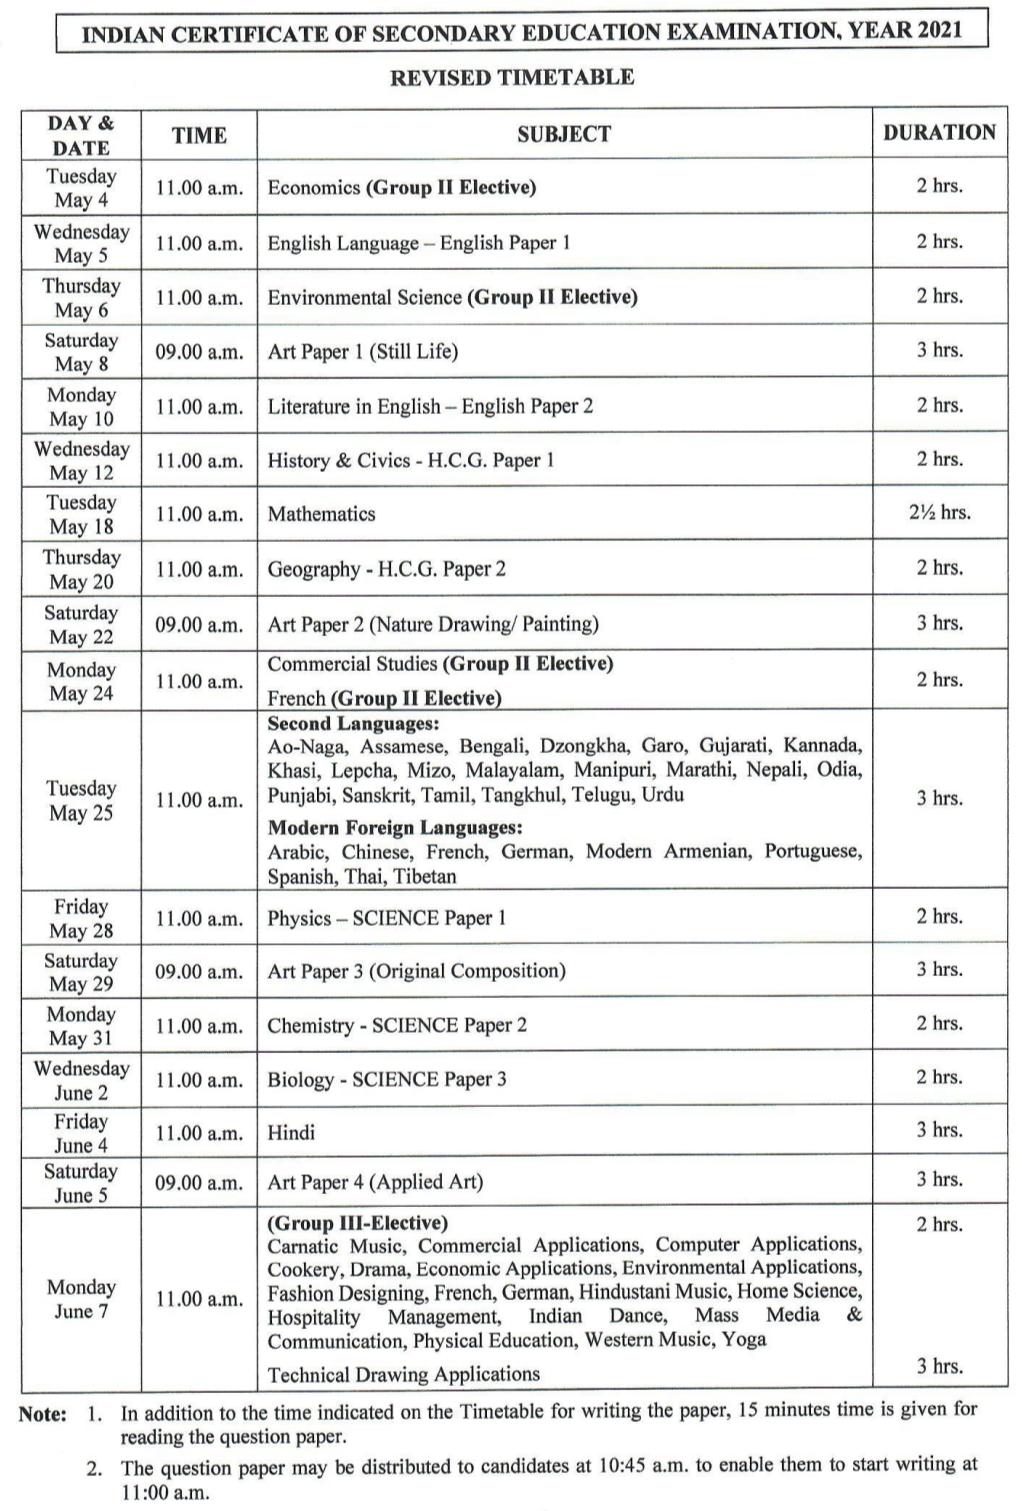 ICSE 10 revised datesheet